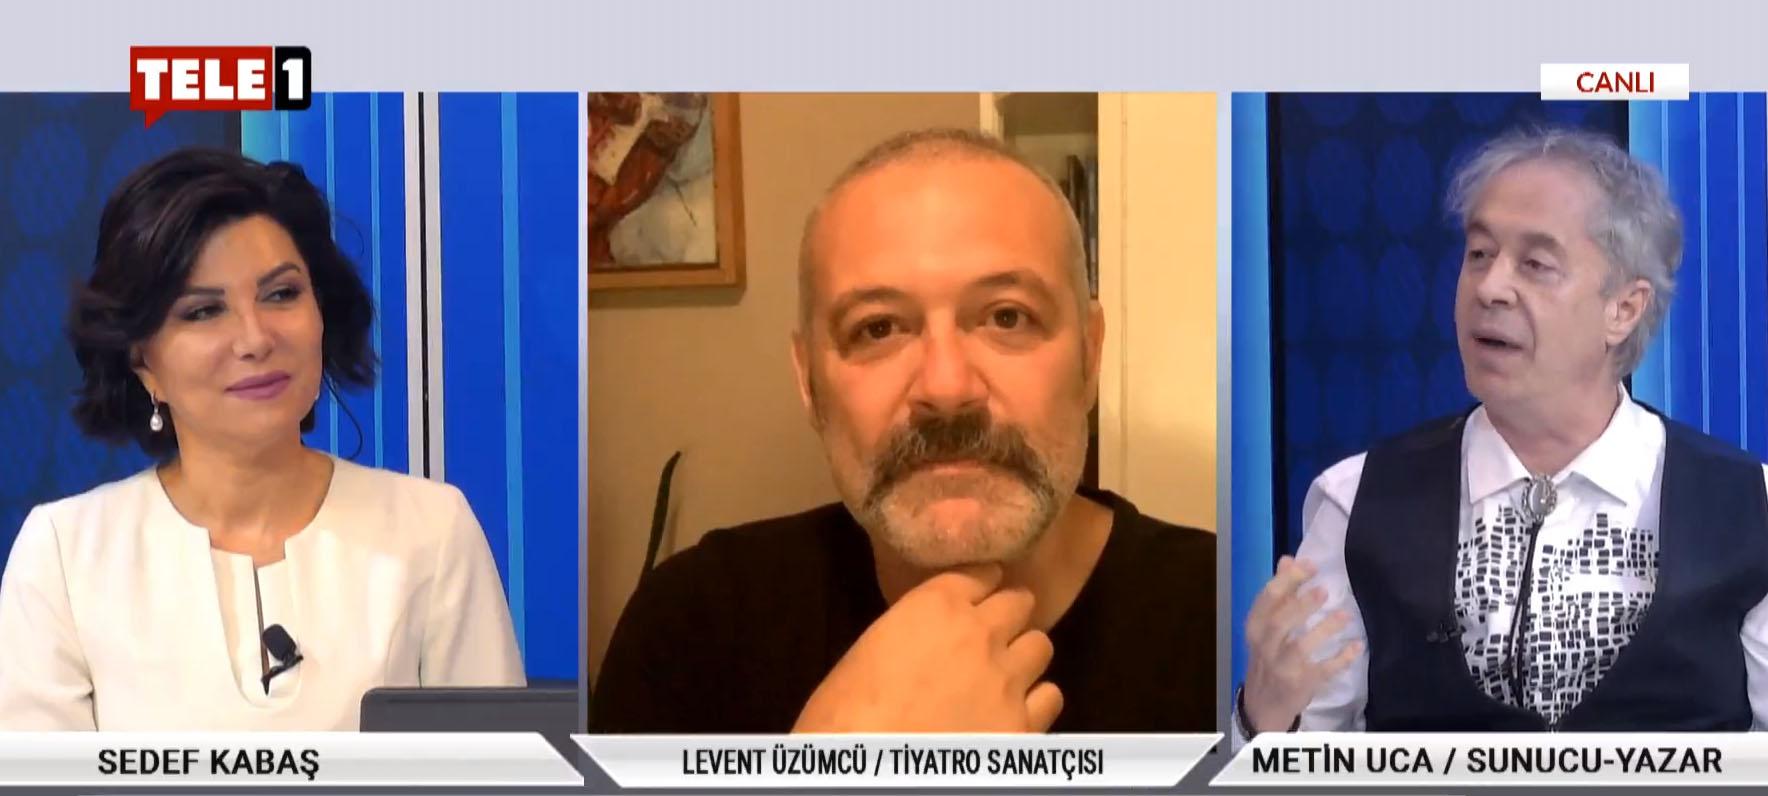 Levent Üzümcü: AKP-MHP gençlerinin yüzde 68'i yurtdışına gitmek istiyor; neden burayı güzel yapmayalım?